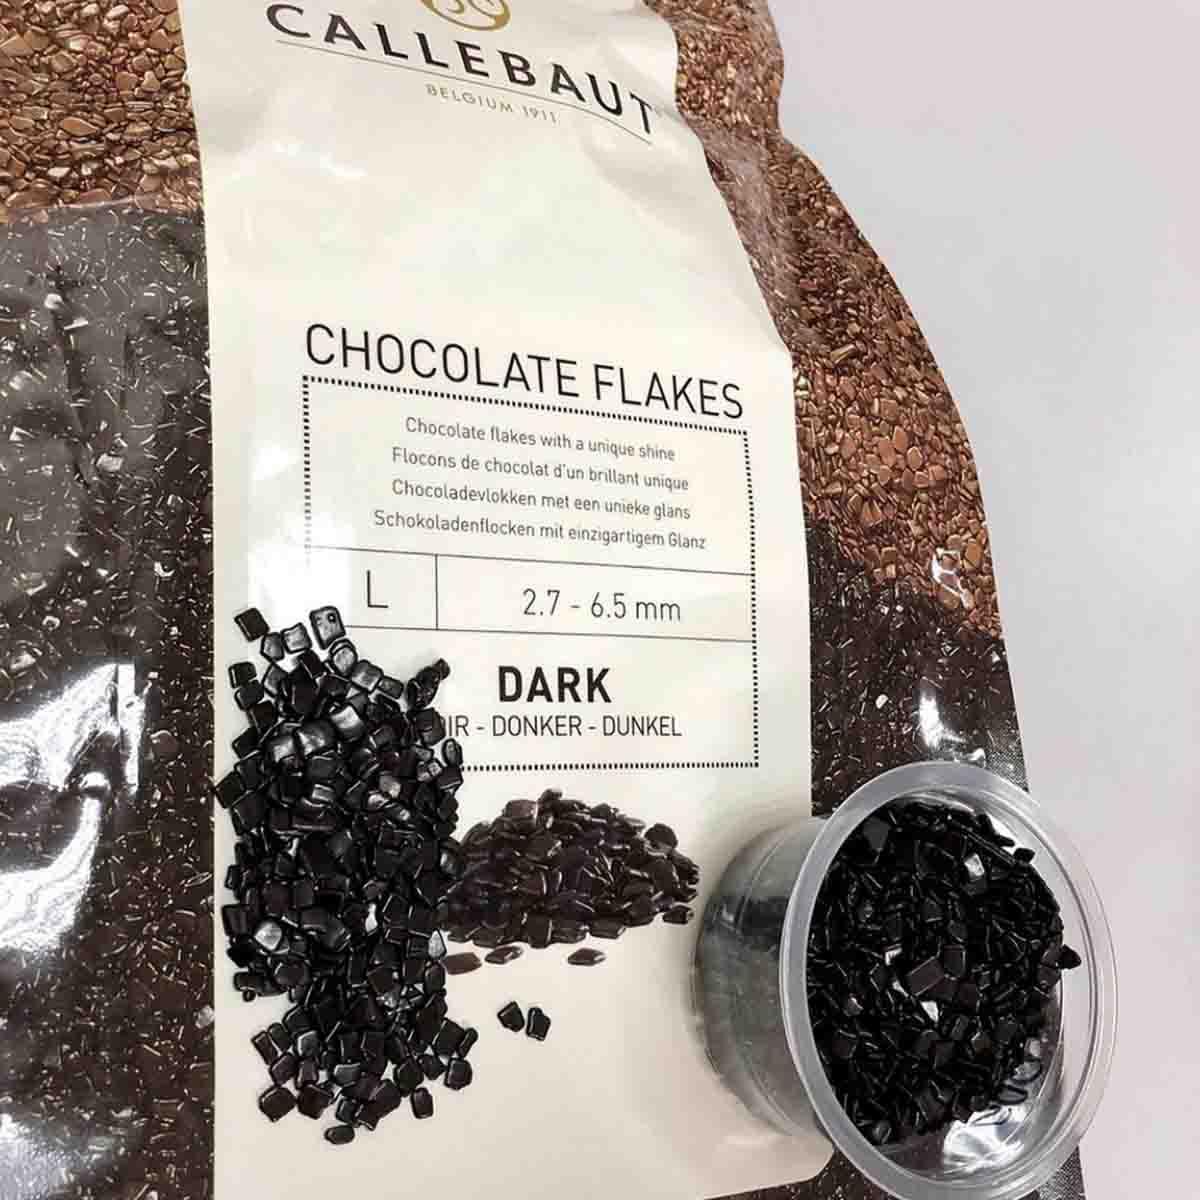 Chocolate Flakes Dark (Amargo) CALLEBAUT 1KG SPLIT-9-D-BR-U73